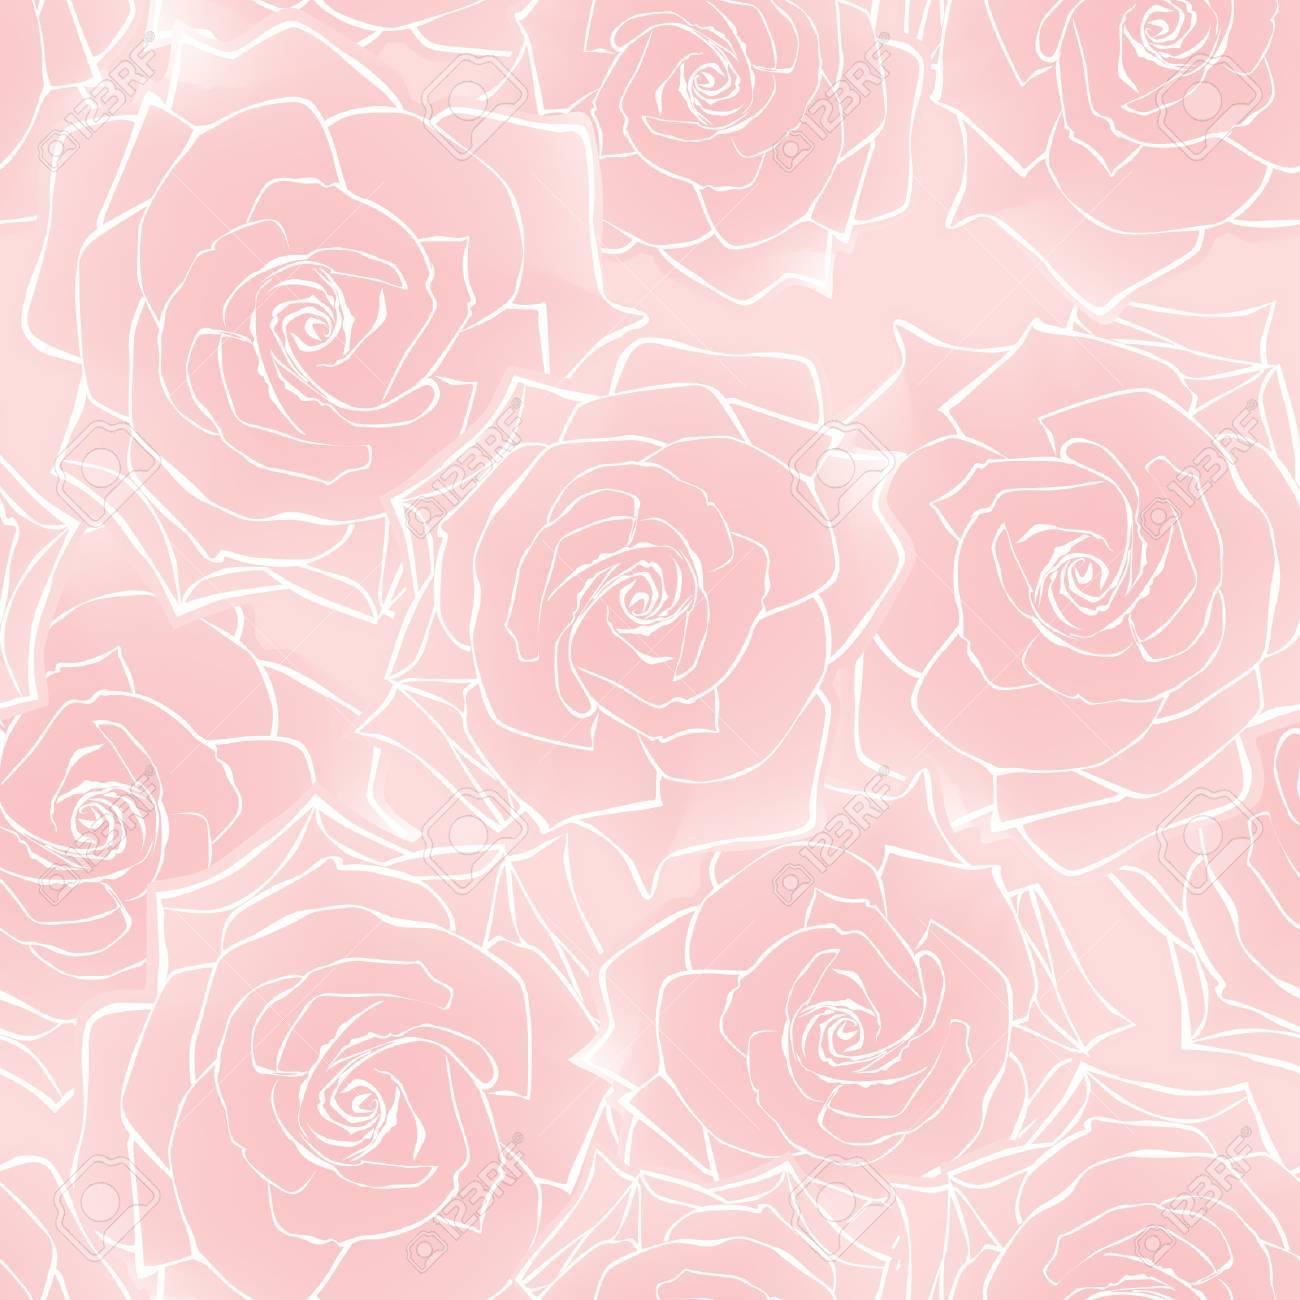 Rose Patron De Fondo Sin Fisuras Con Flores Rosa Ilustracion